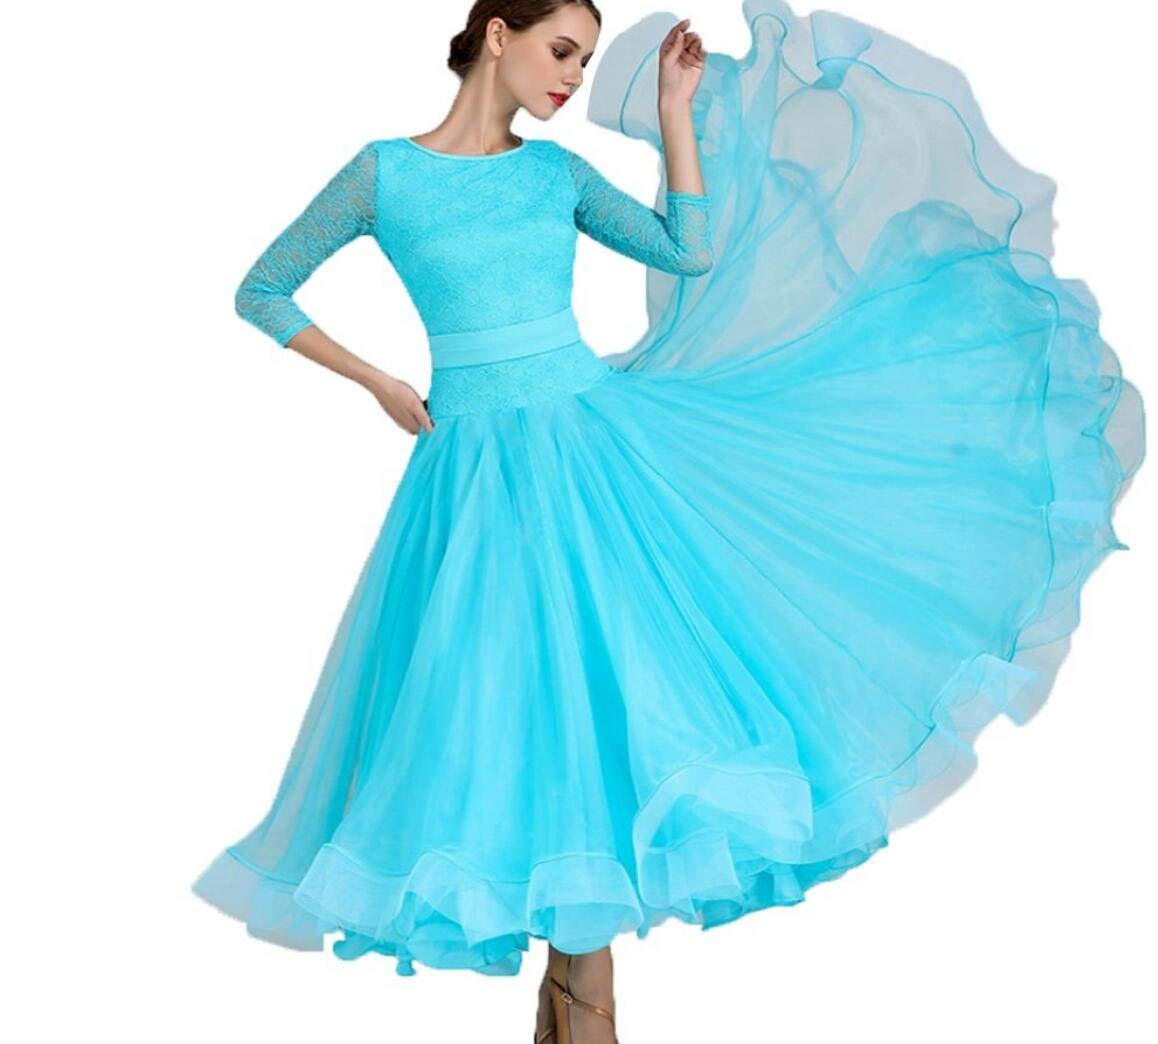 bleu L SMACO Robe De Danse Moderne pour Femmes, Robes Costumes De Danse Moderne Valse Robes De Danse Standard pour Les Femmes Compétition De Perforhommece Professionnelle